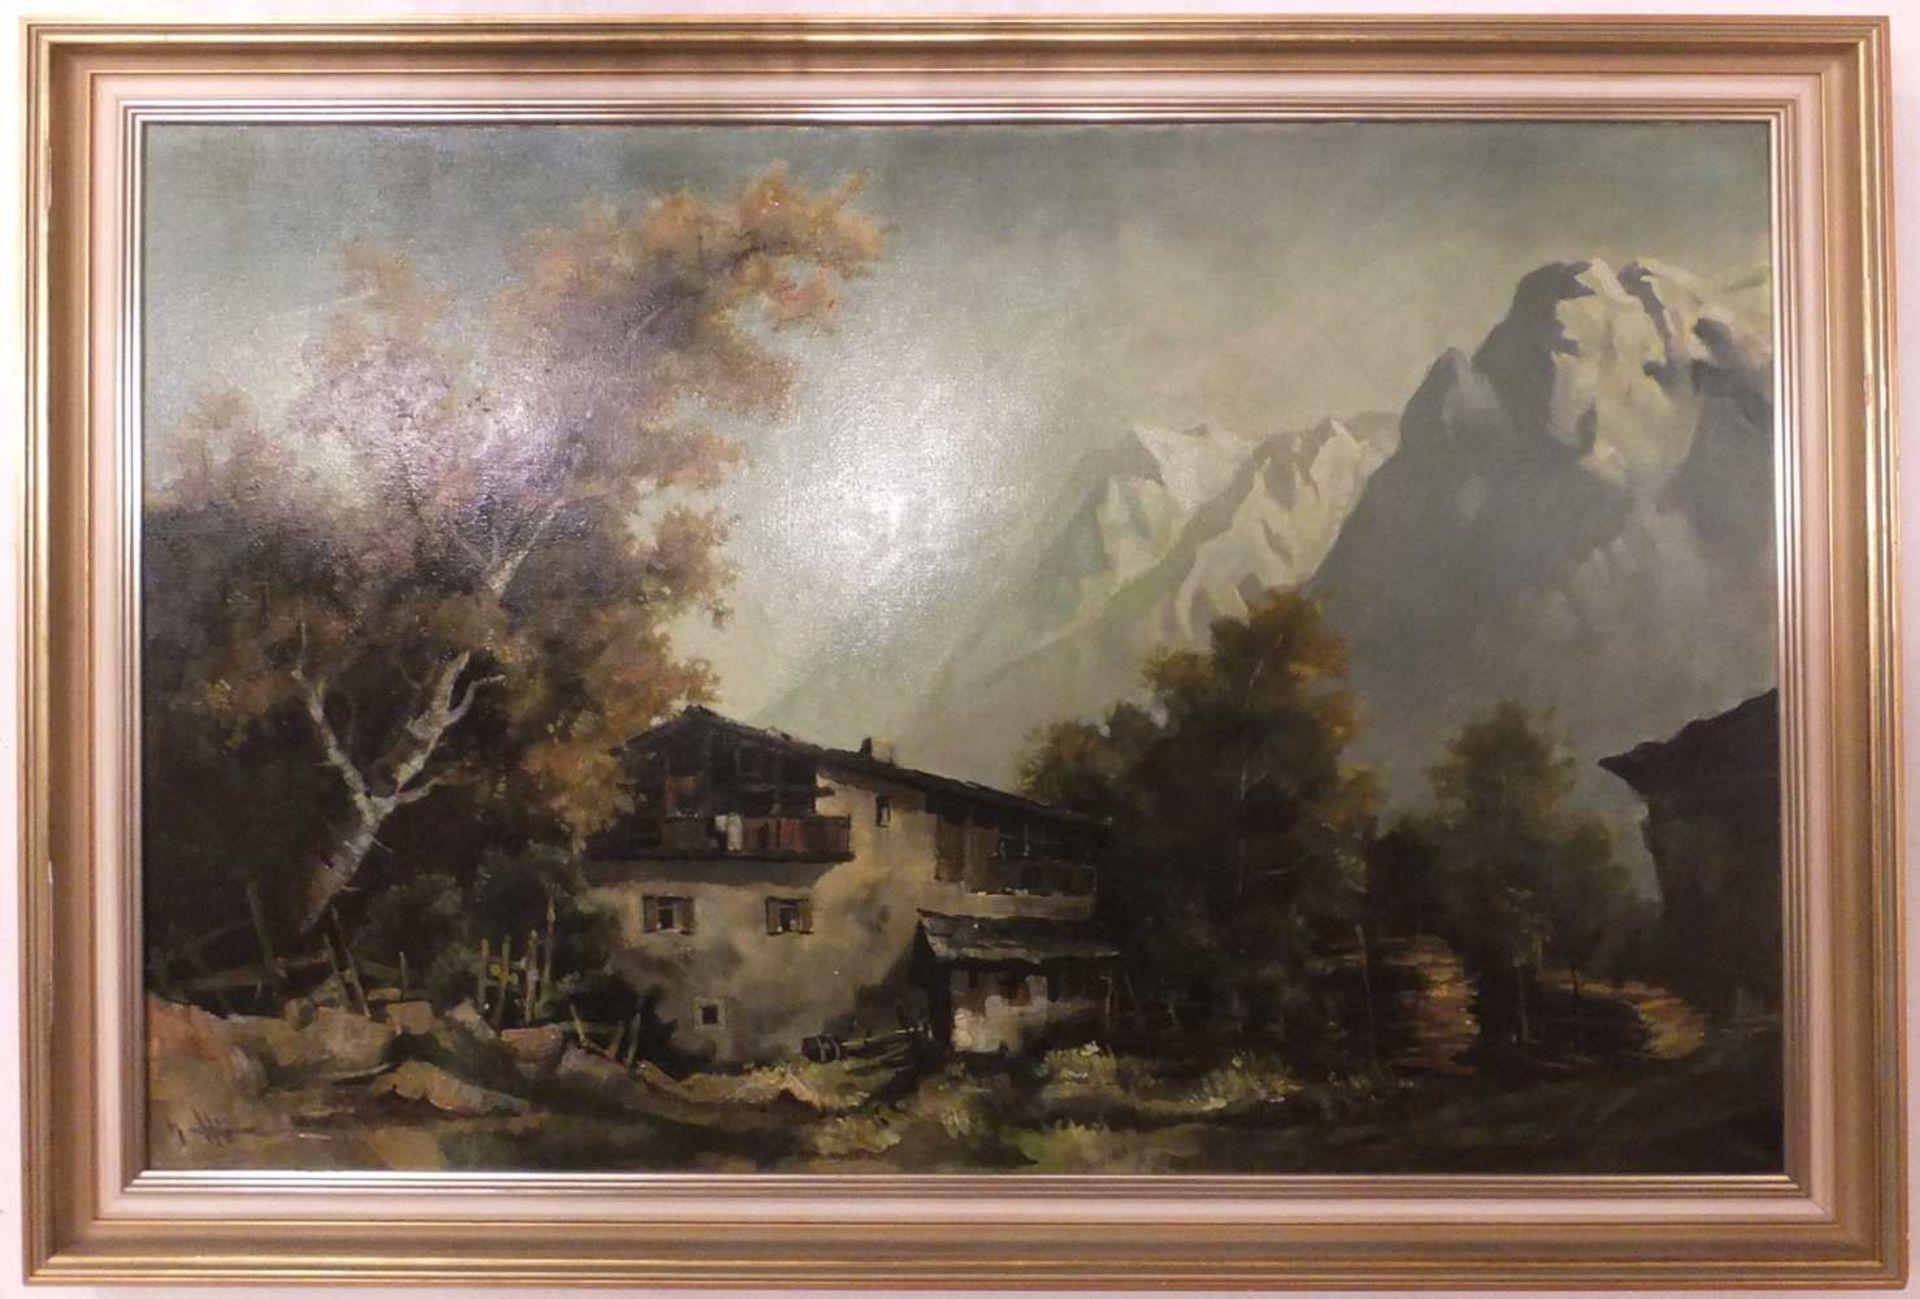 """1 Ölgemälde """"Berggehöft vor Gebirgspanorama"""", L.u. unleserlich signiert Öl/Lwd., c - Bild 2 aus 2"""